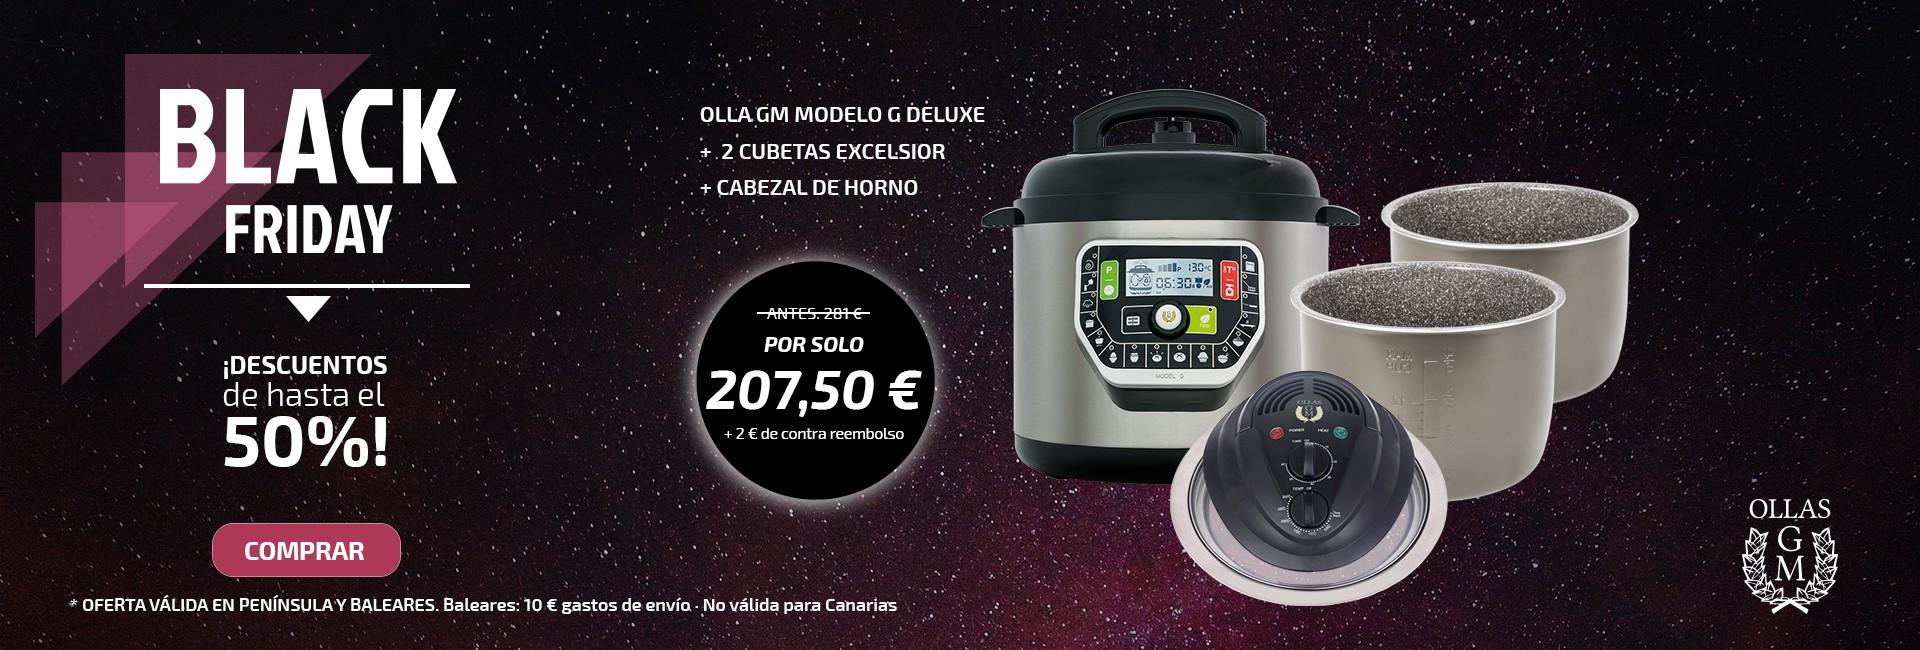 Black Friday promoción modelo G Deluxe + 2 Excelsior + Cabezal